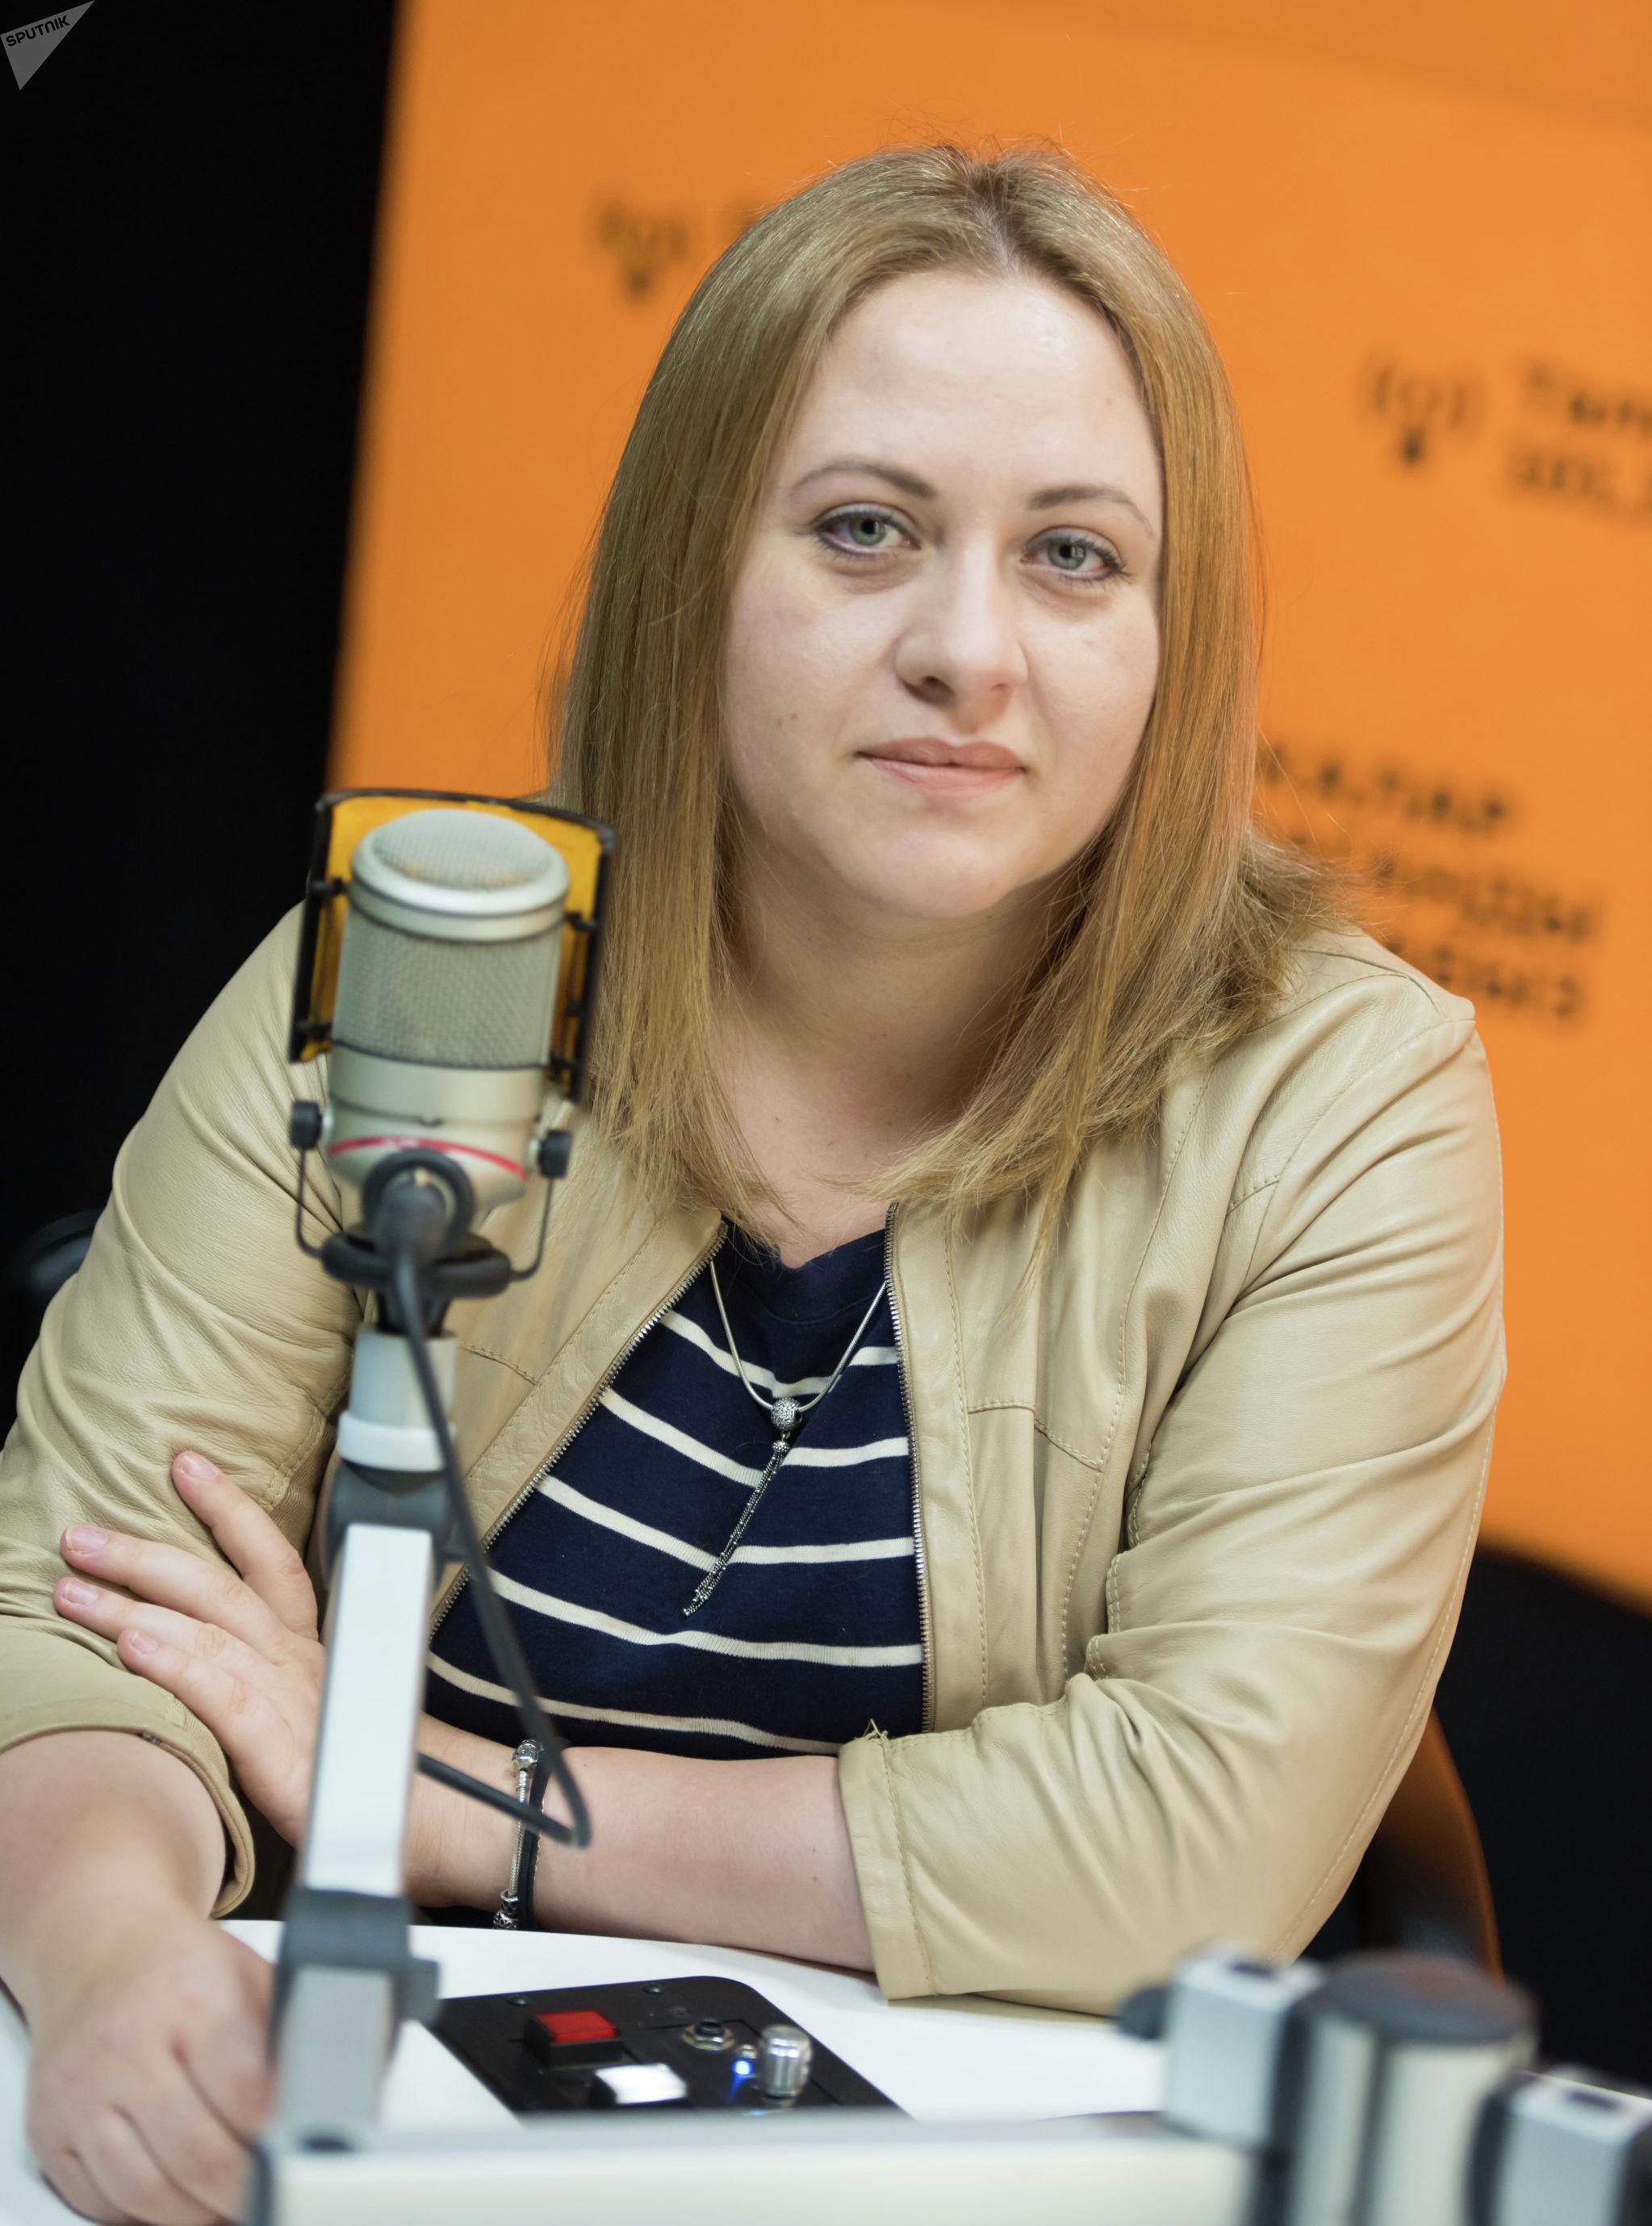 Консультант по влиянию и противодействию социально-психологическому манипулированию Юлия Денисенко на радиостудии Sputnik Кыргызстан